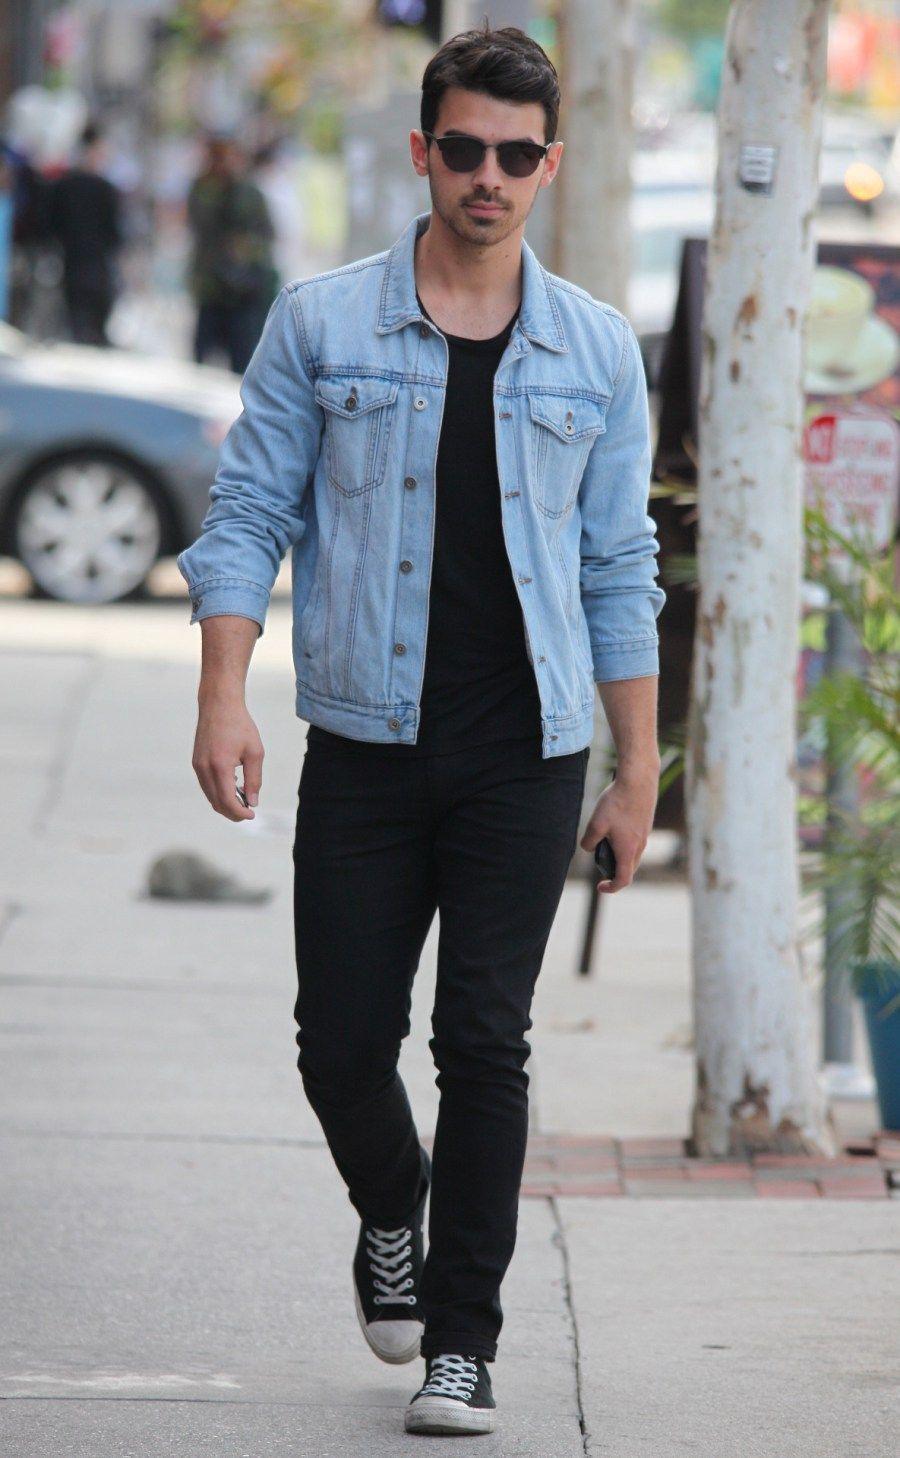 012b7eee89 A jaqueta jeans pode ser usada em diversas ocasiões casuais